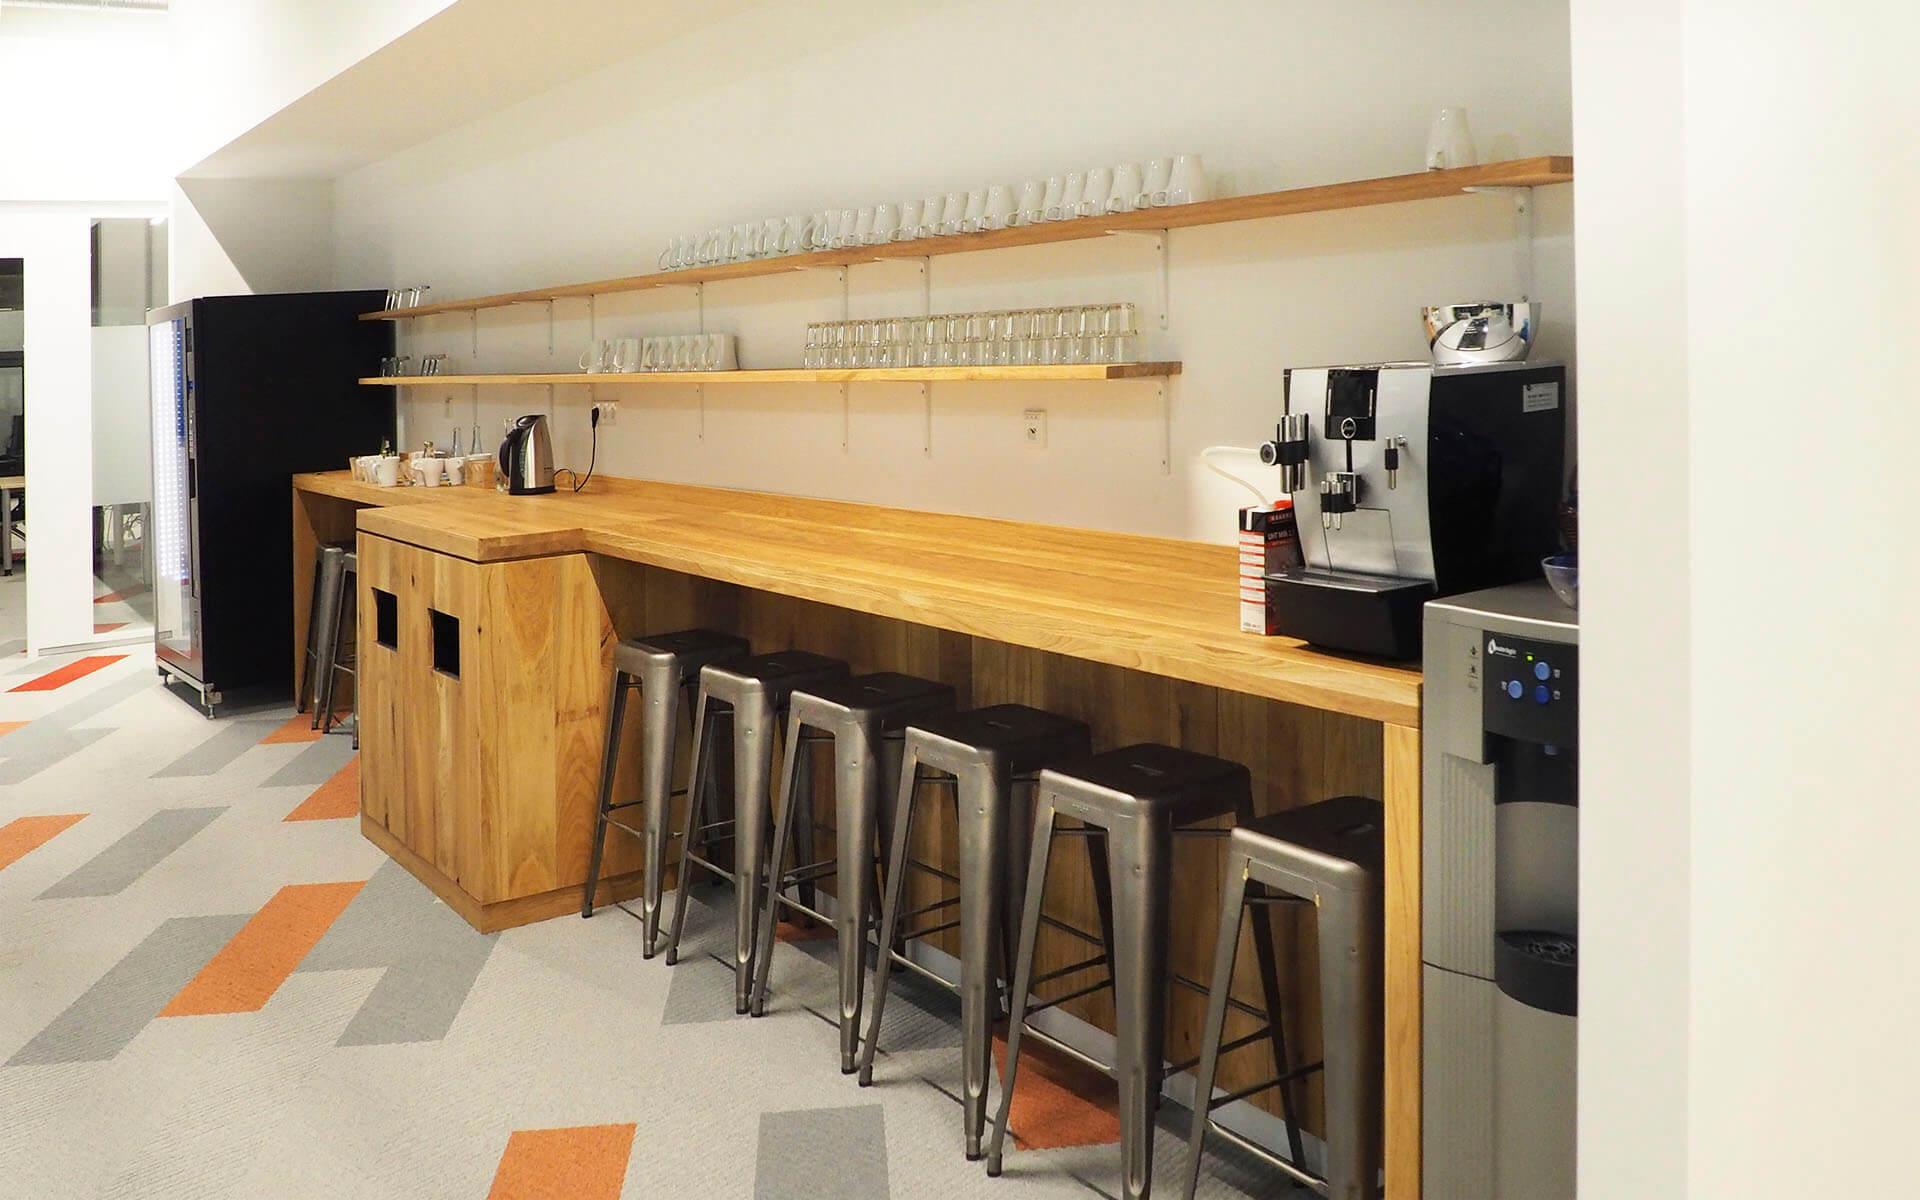 Delafair Innenausbau / Bürobau / Küchenbau